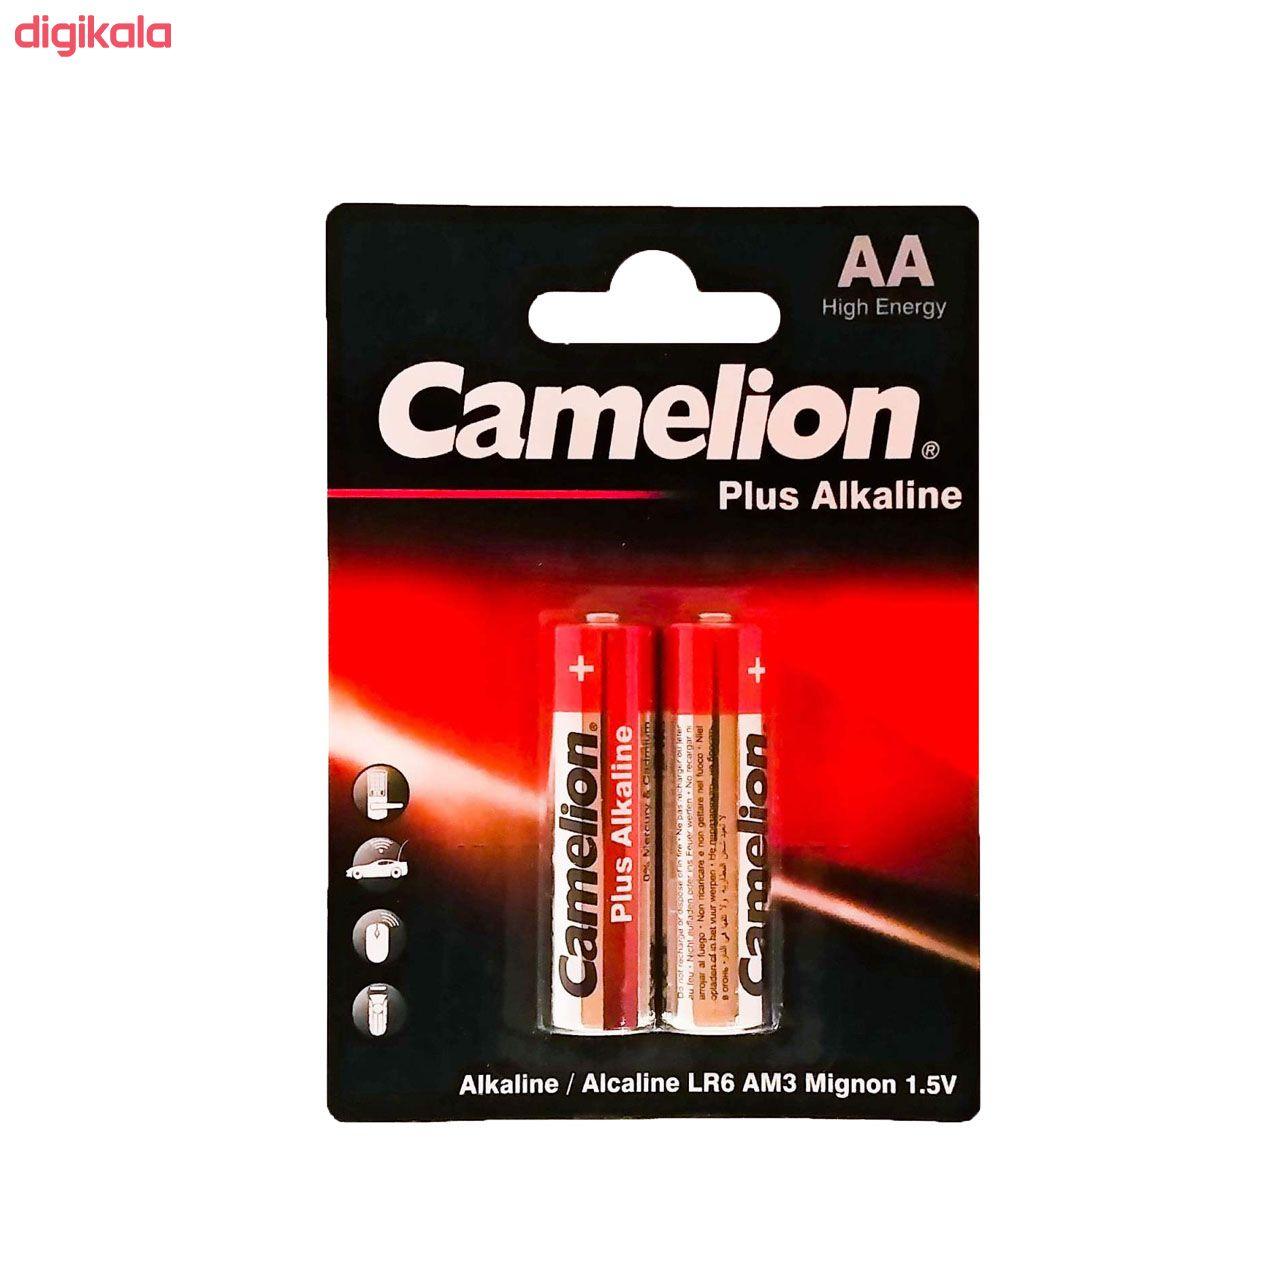 باتری قلمی کملیون مدل Plus Alkaline کد 025 بسته 2 عددی  main 1 1